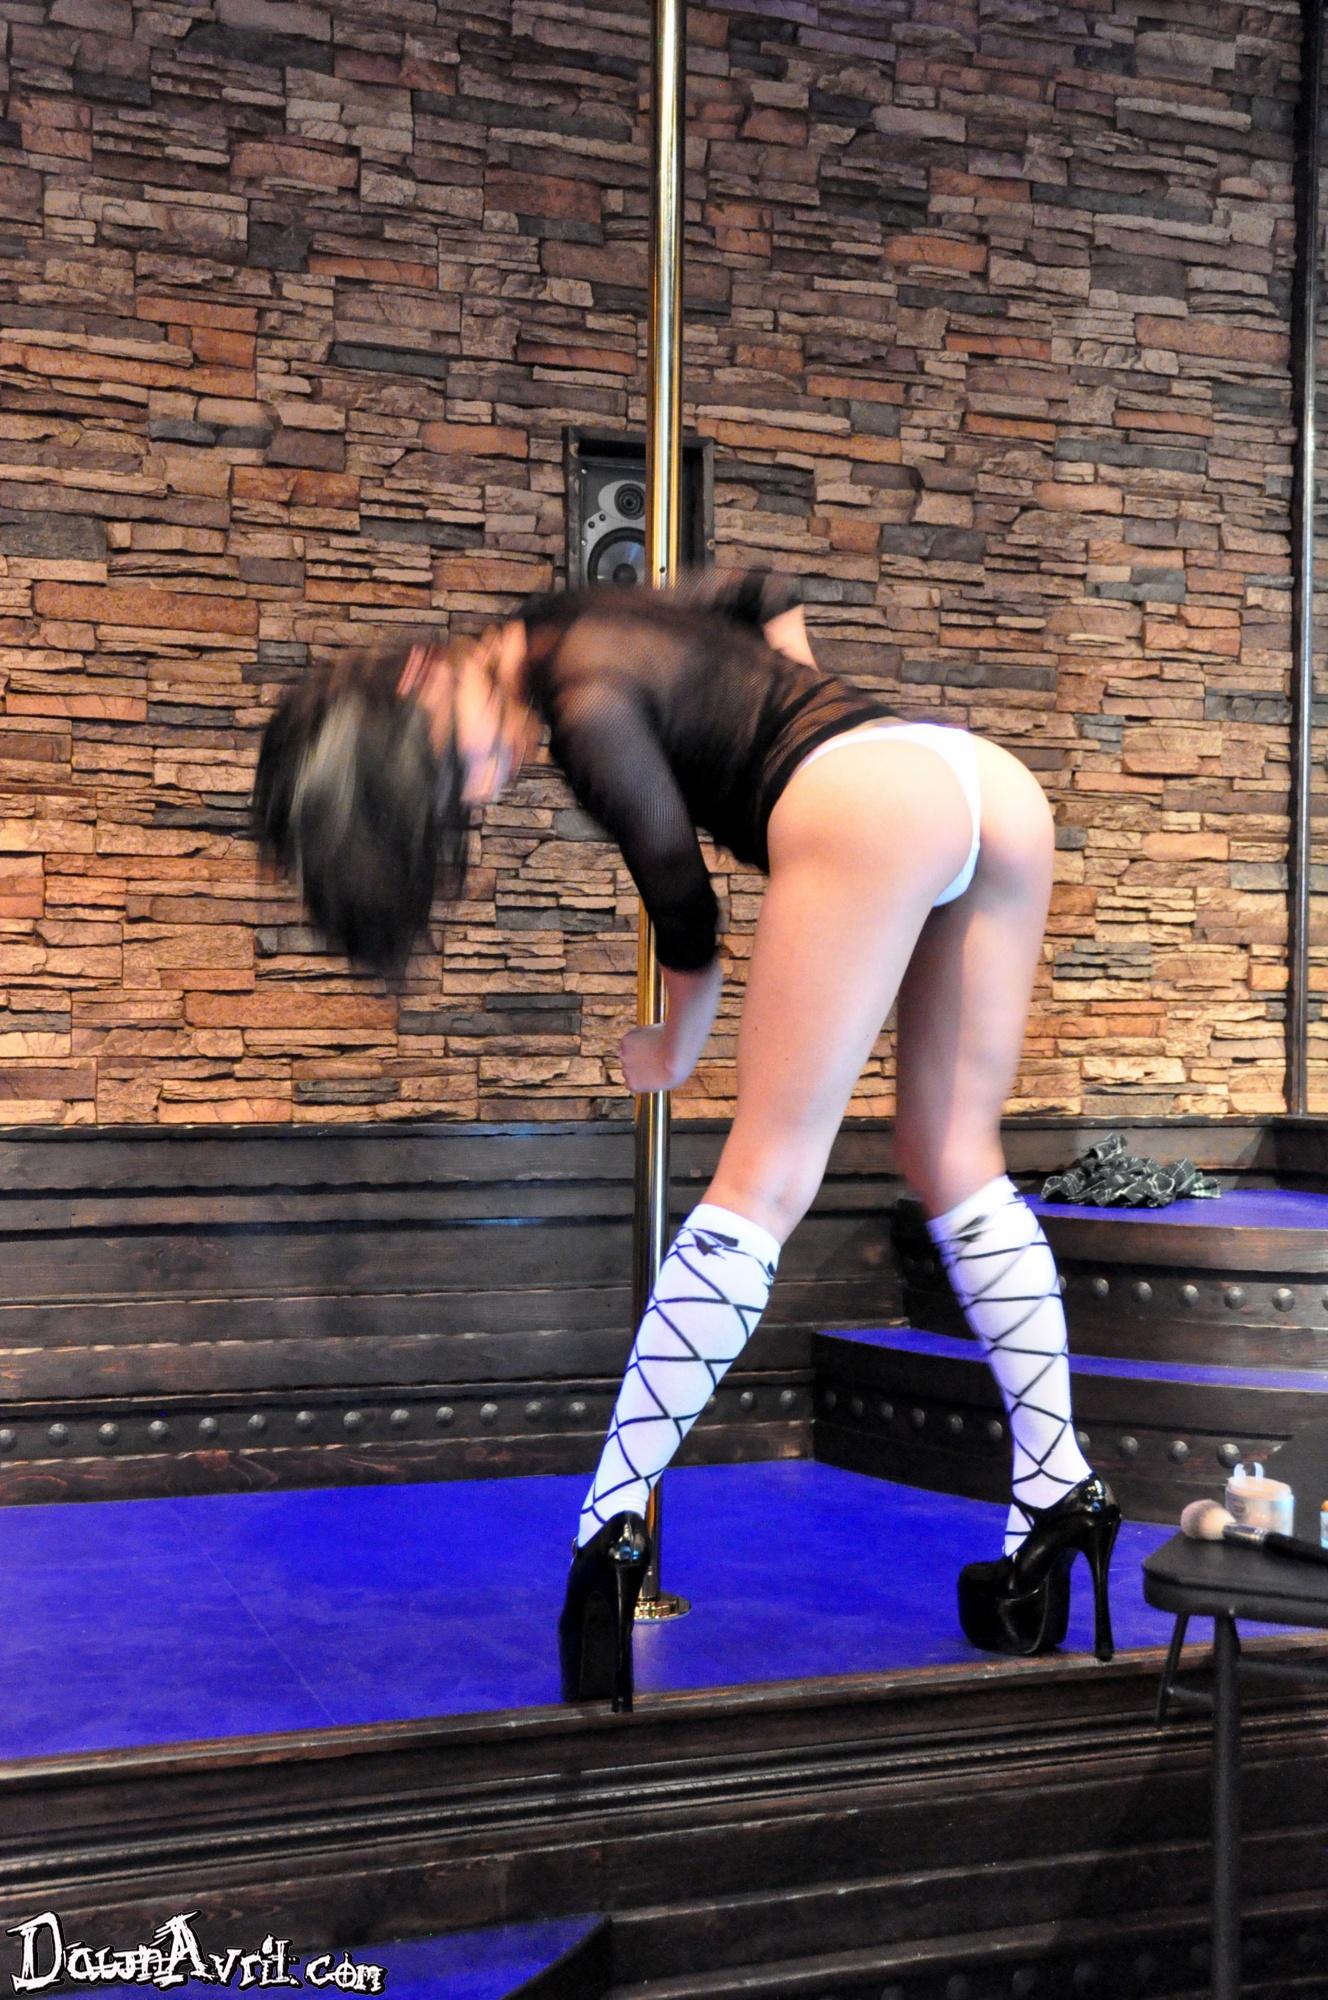 Dawn Avril Stripping - XVIDEOSCOM